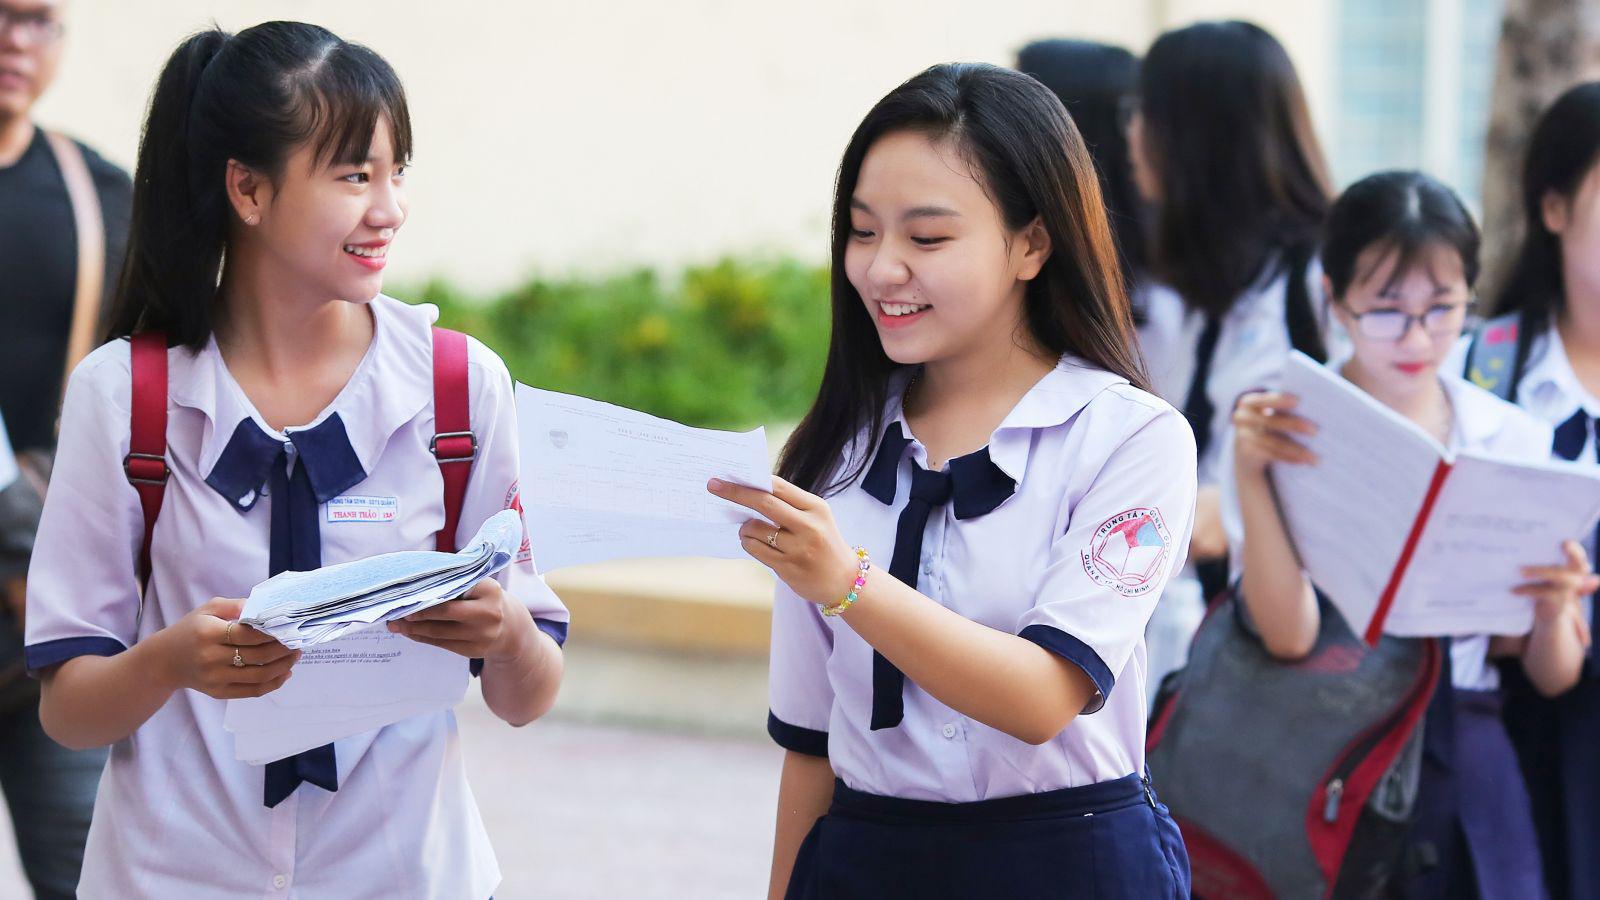 Trường ĐH Sài Gòn công bố 6 mức điểm xét tuyển, cao nhất là 20